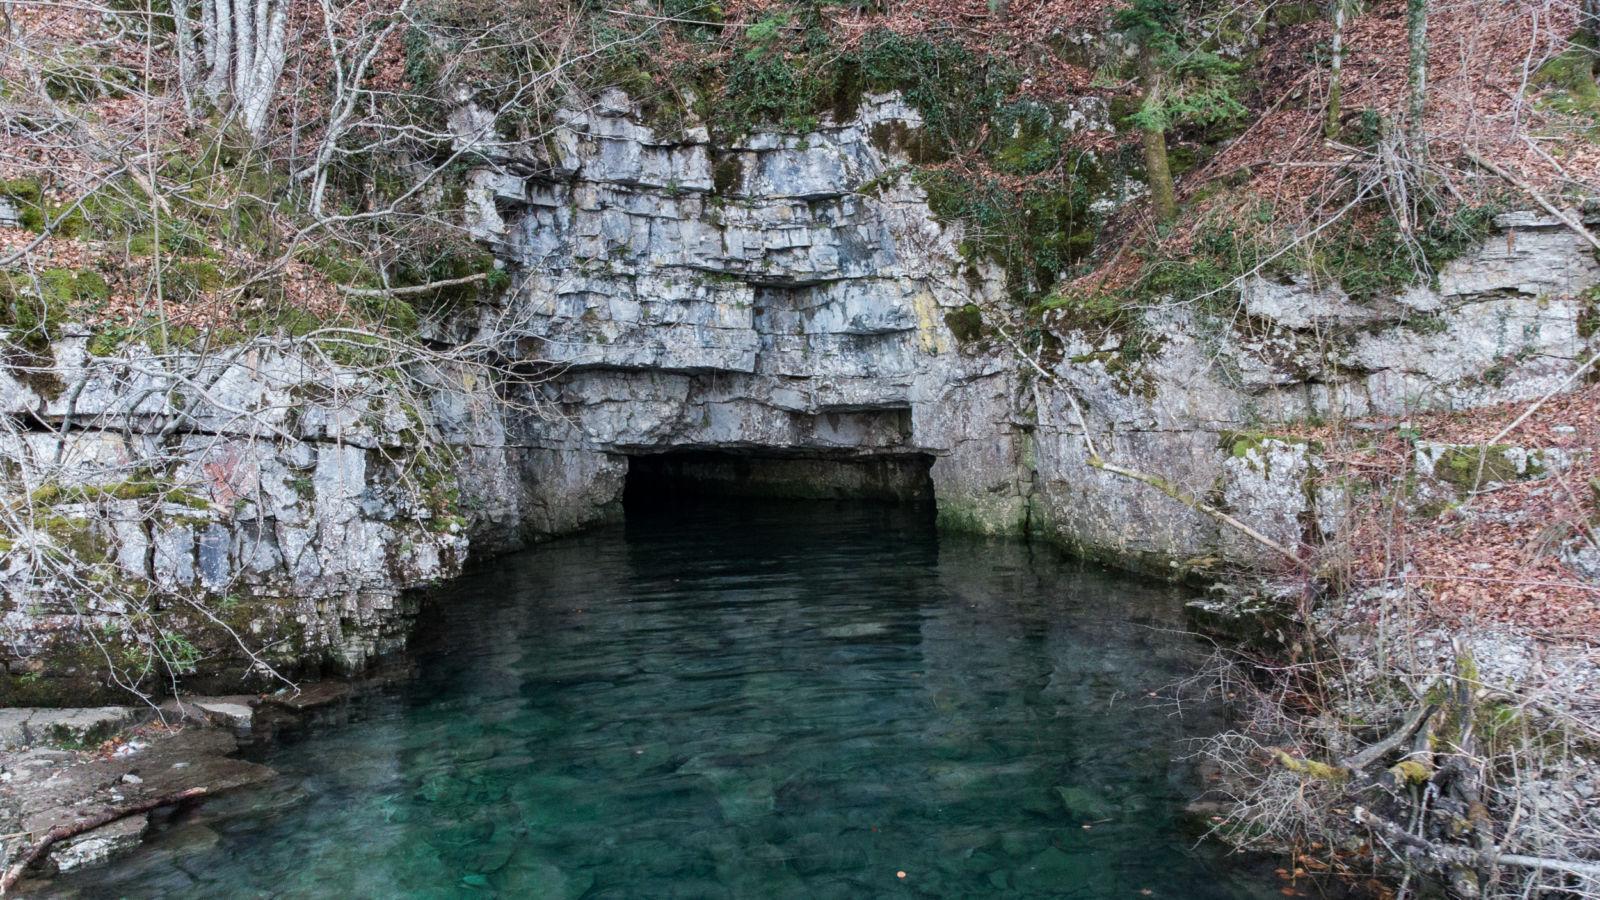 Vhod v jamo Suhadolico ob visokem vodostaju